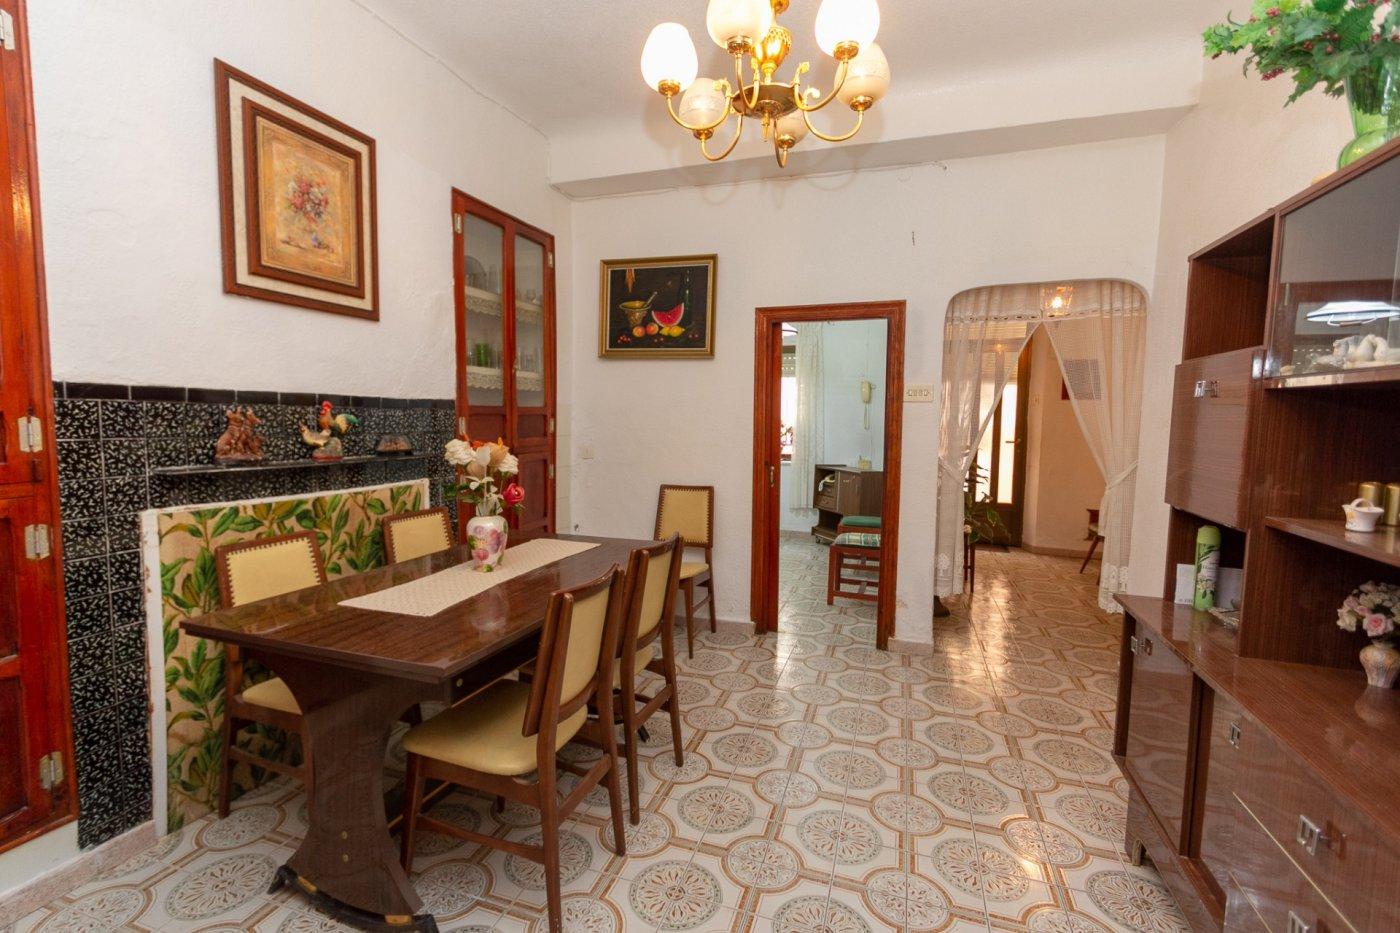 Casa situada en onil en casco antigÜo - imagenInmueble5